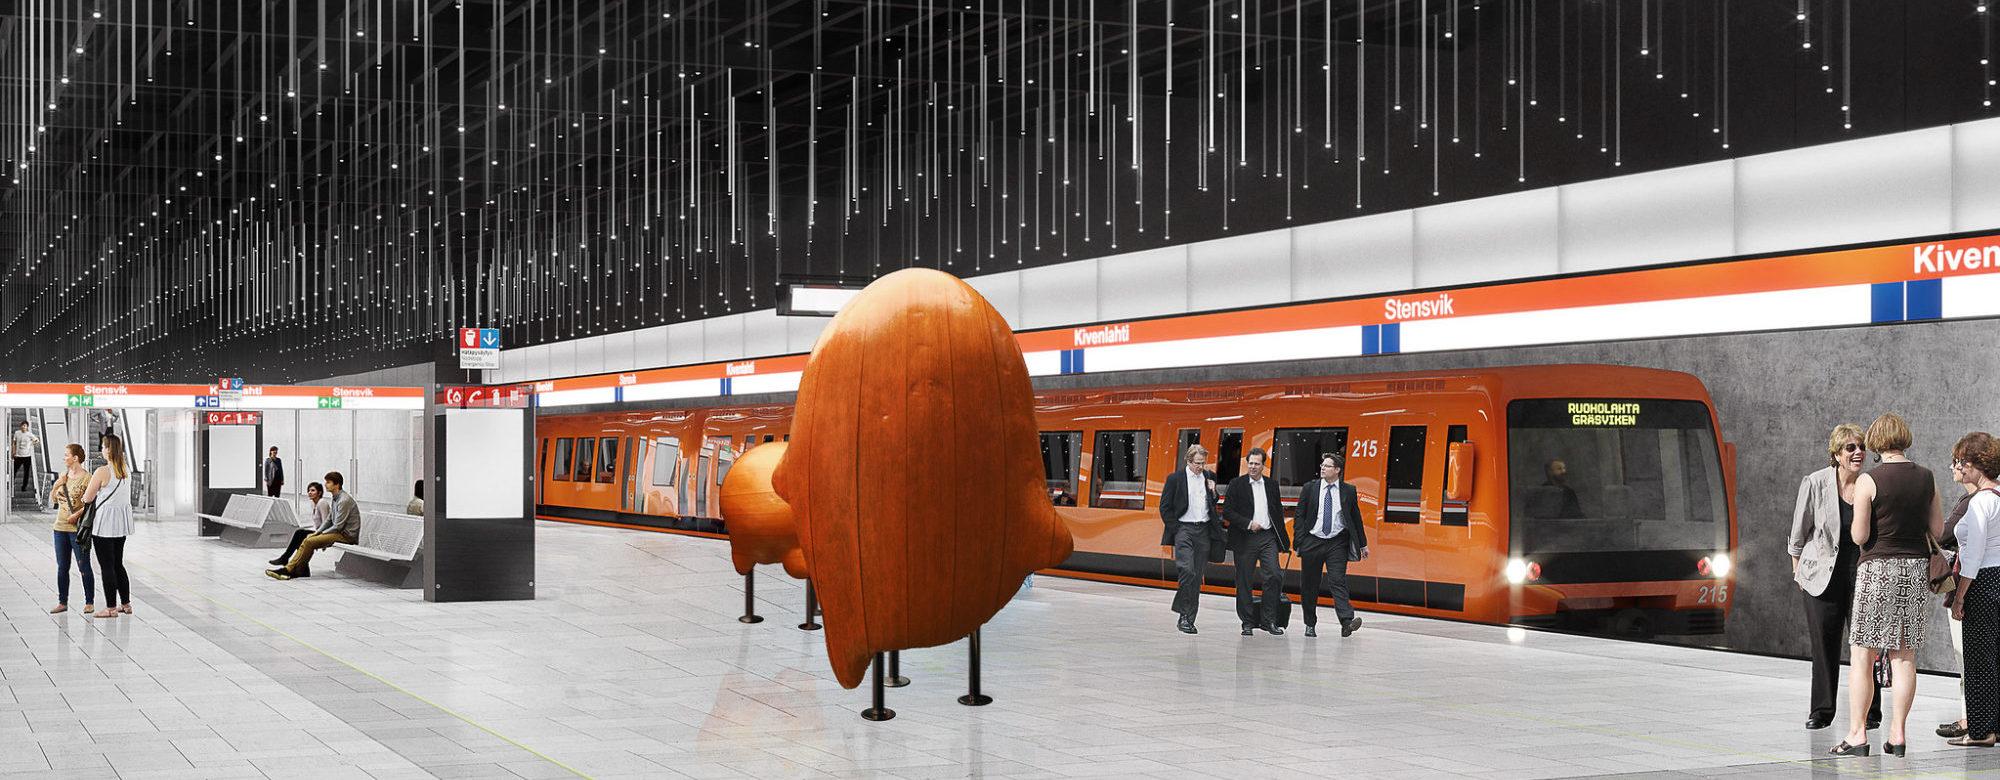 Havainnekuva Kivenlahden metroaseman asemalaiturilta.